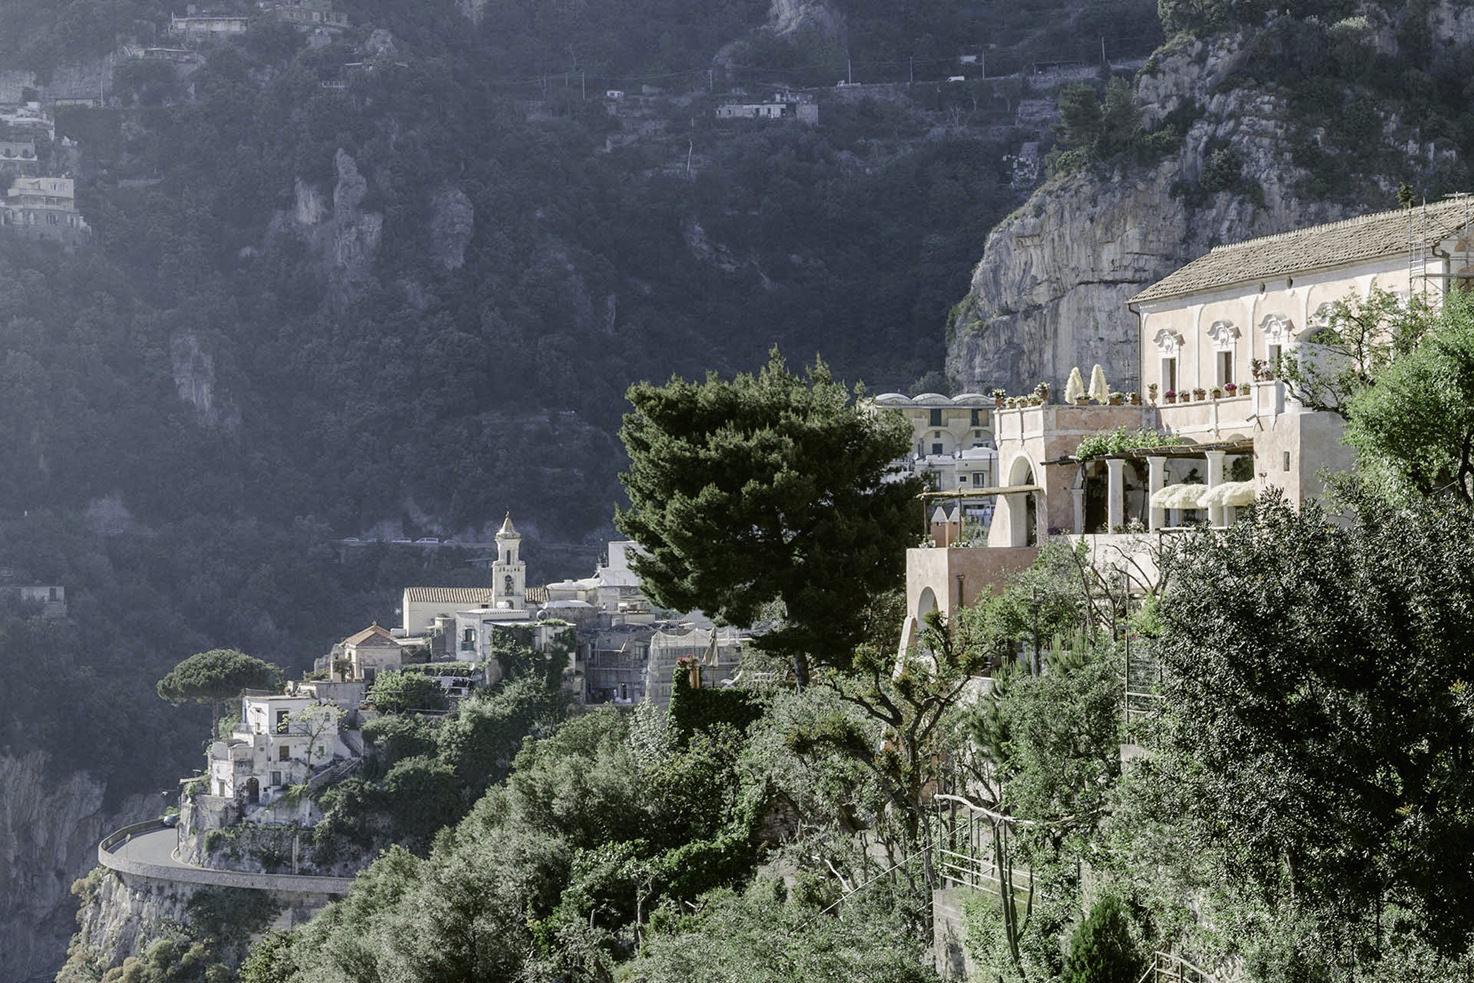 Aerial view of private villa in Positano